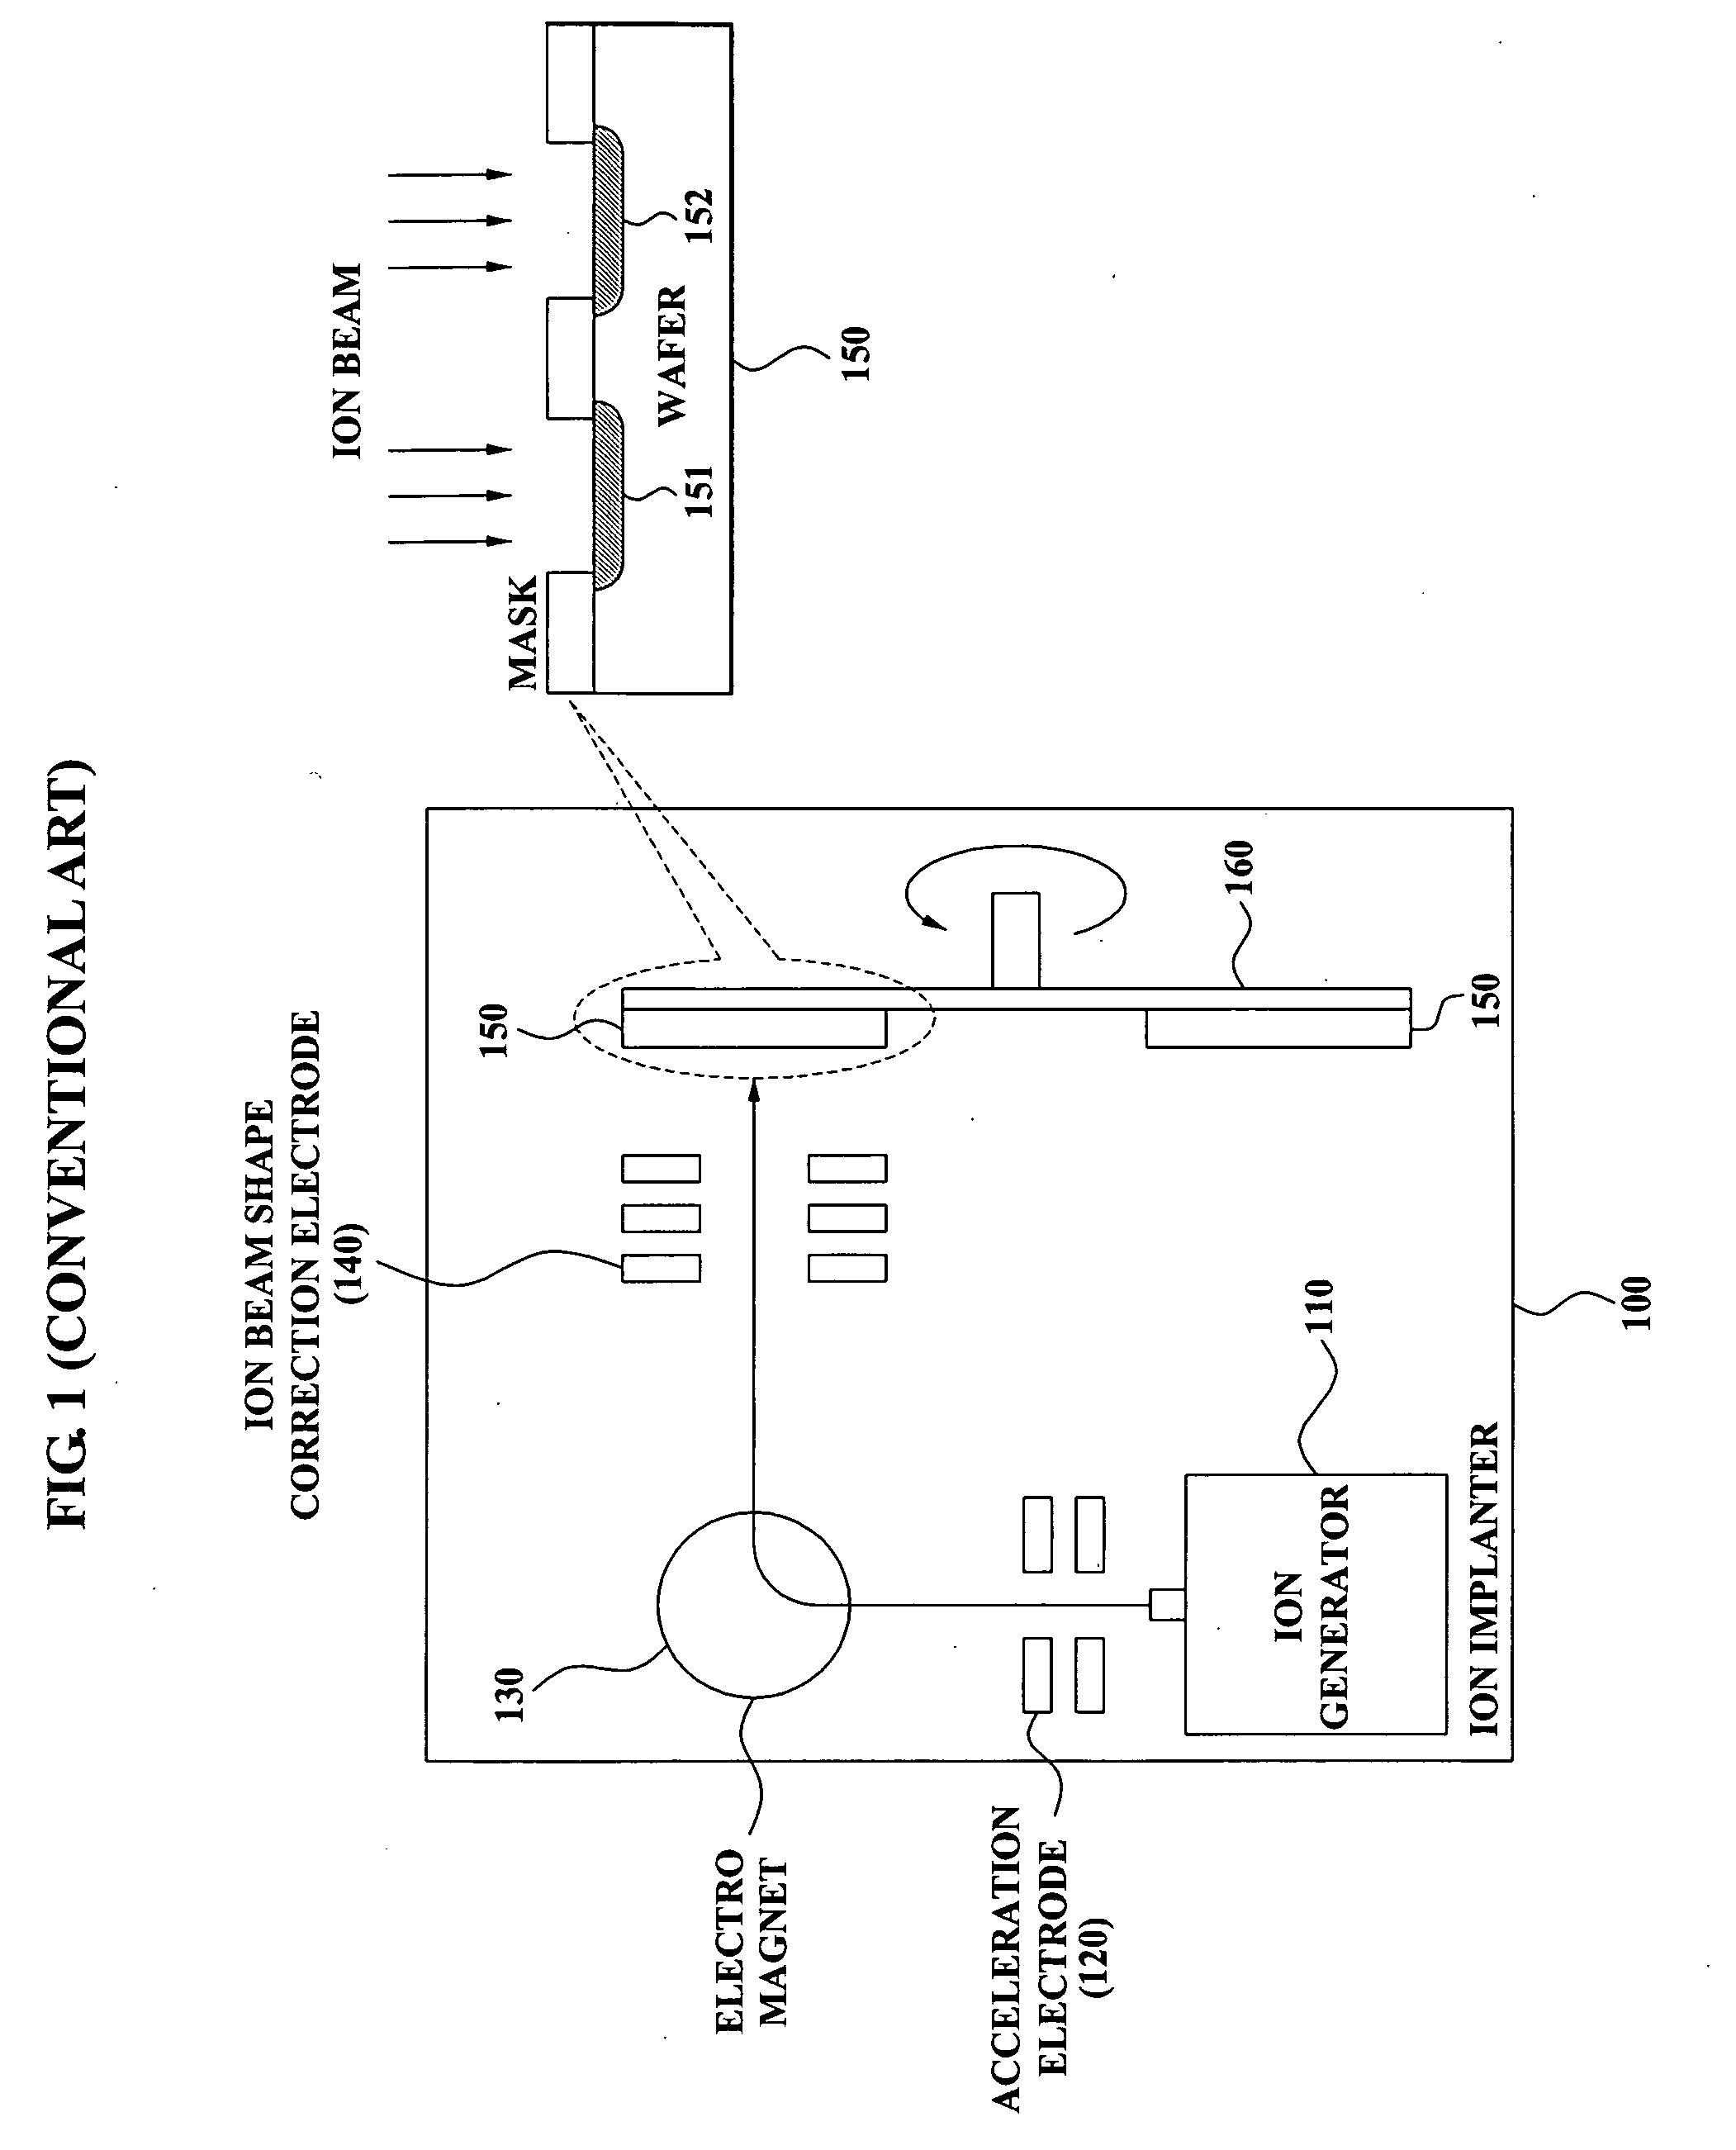 patent us20070152165